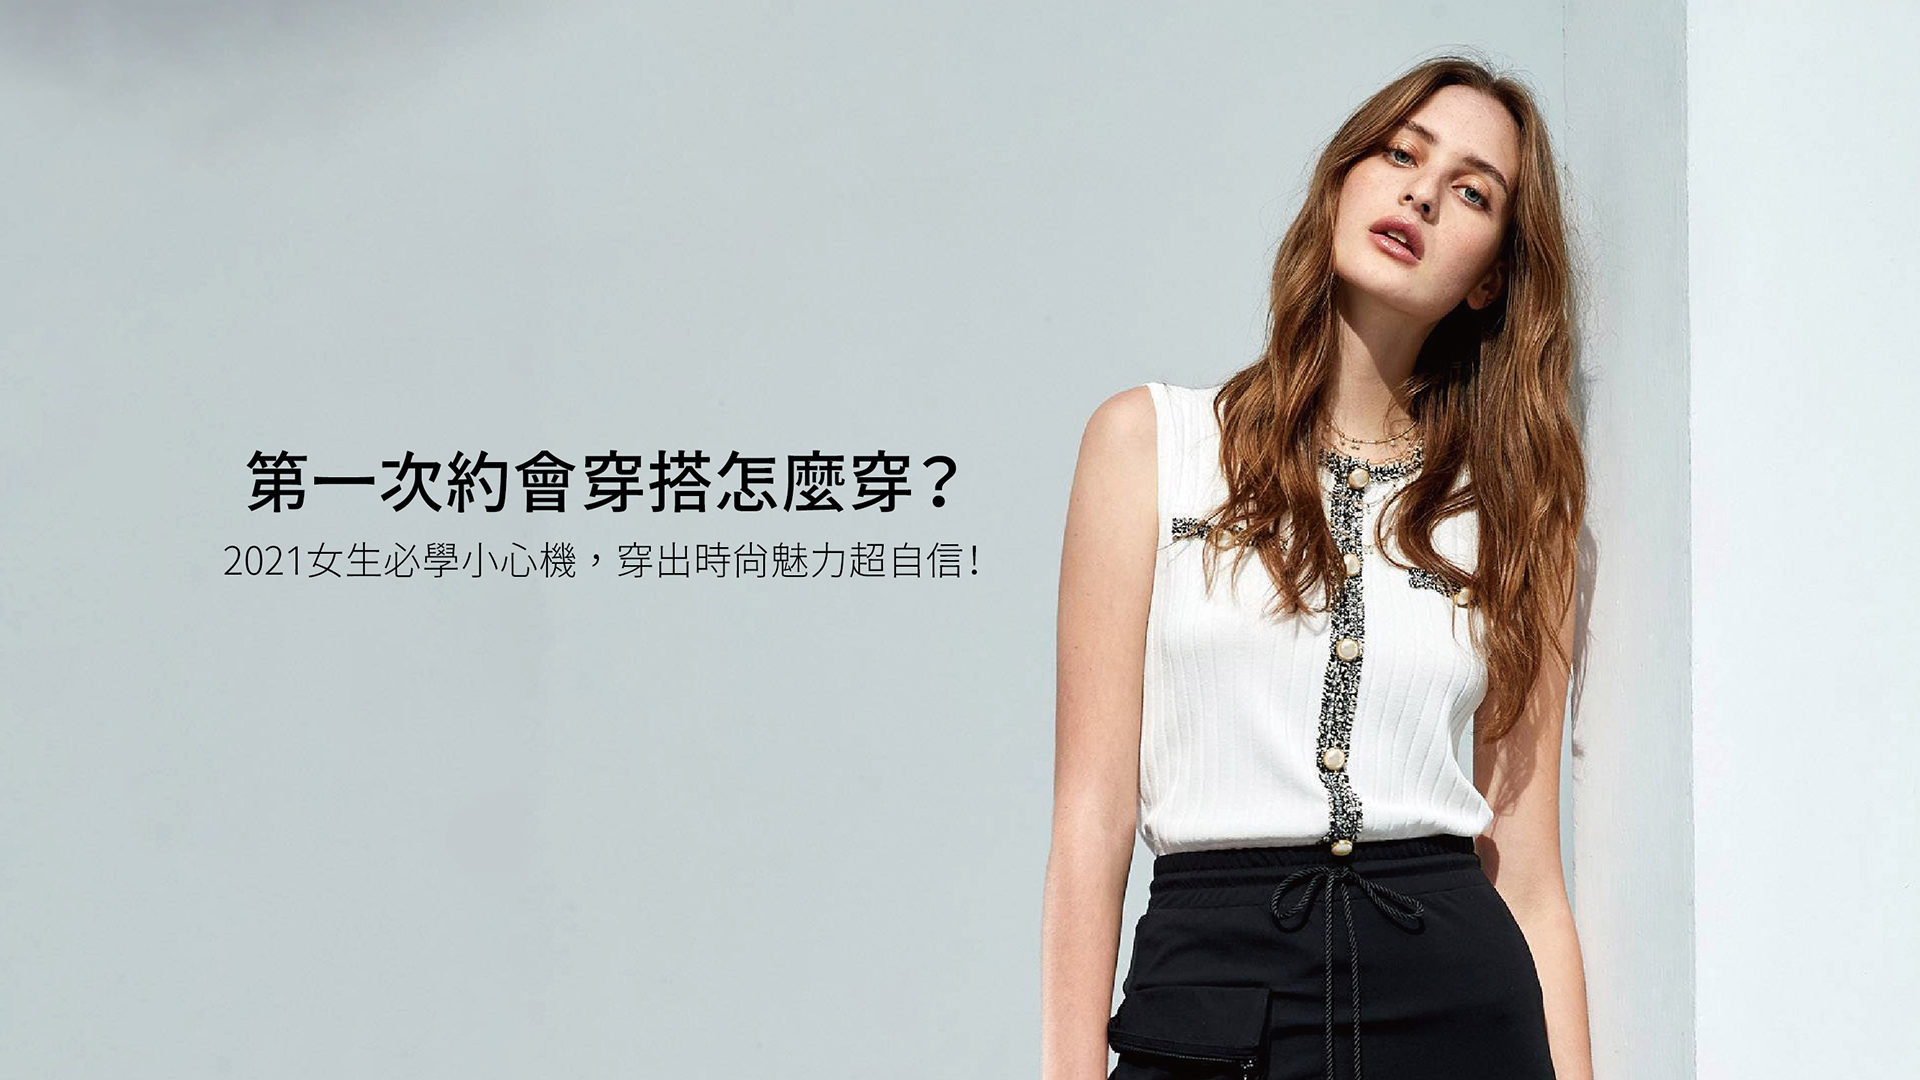 第一次約會穿搭怎麼穿?2021女生必學小心機,穿出時尚魅力超自信!